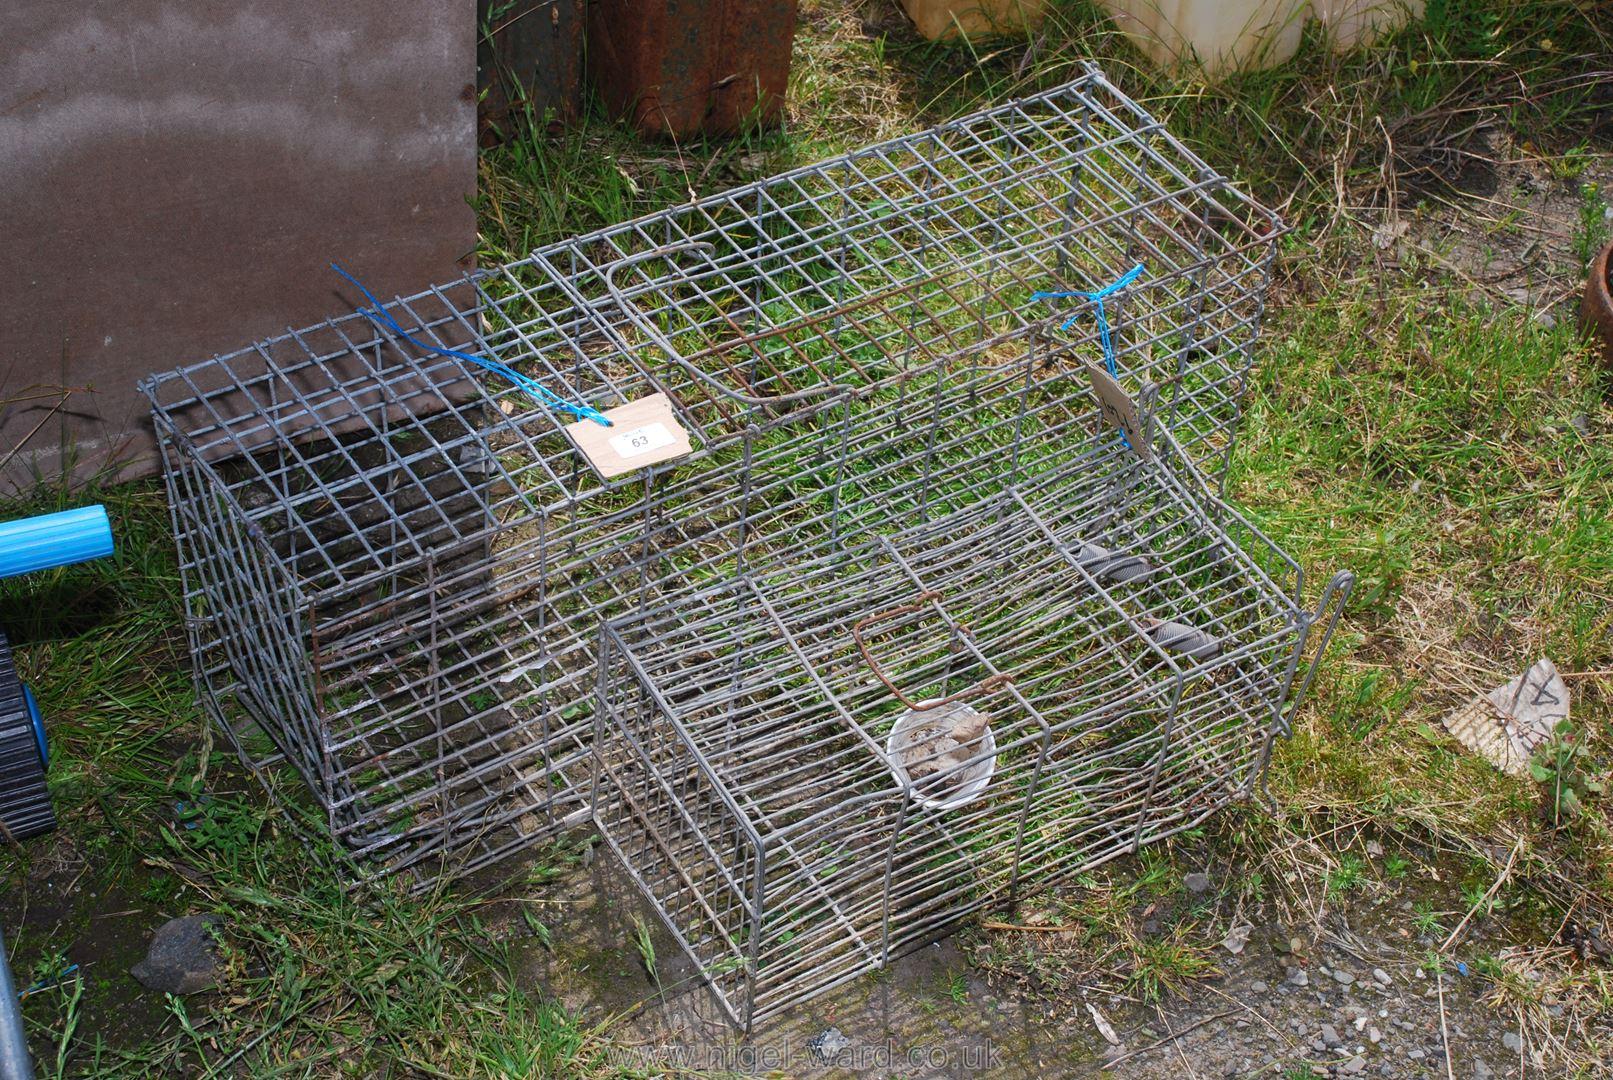 Two metal animal traps